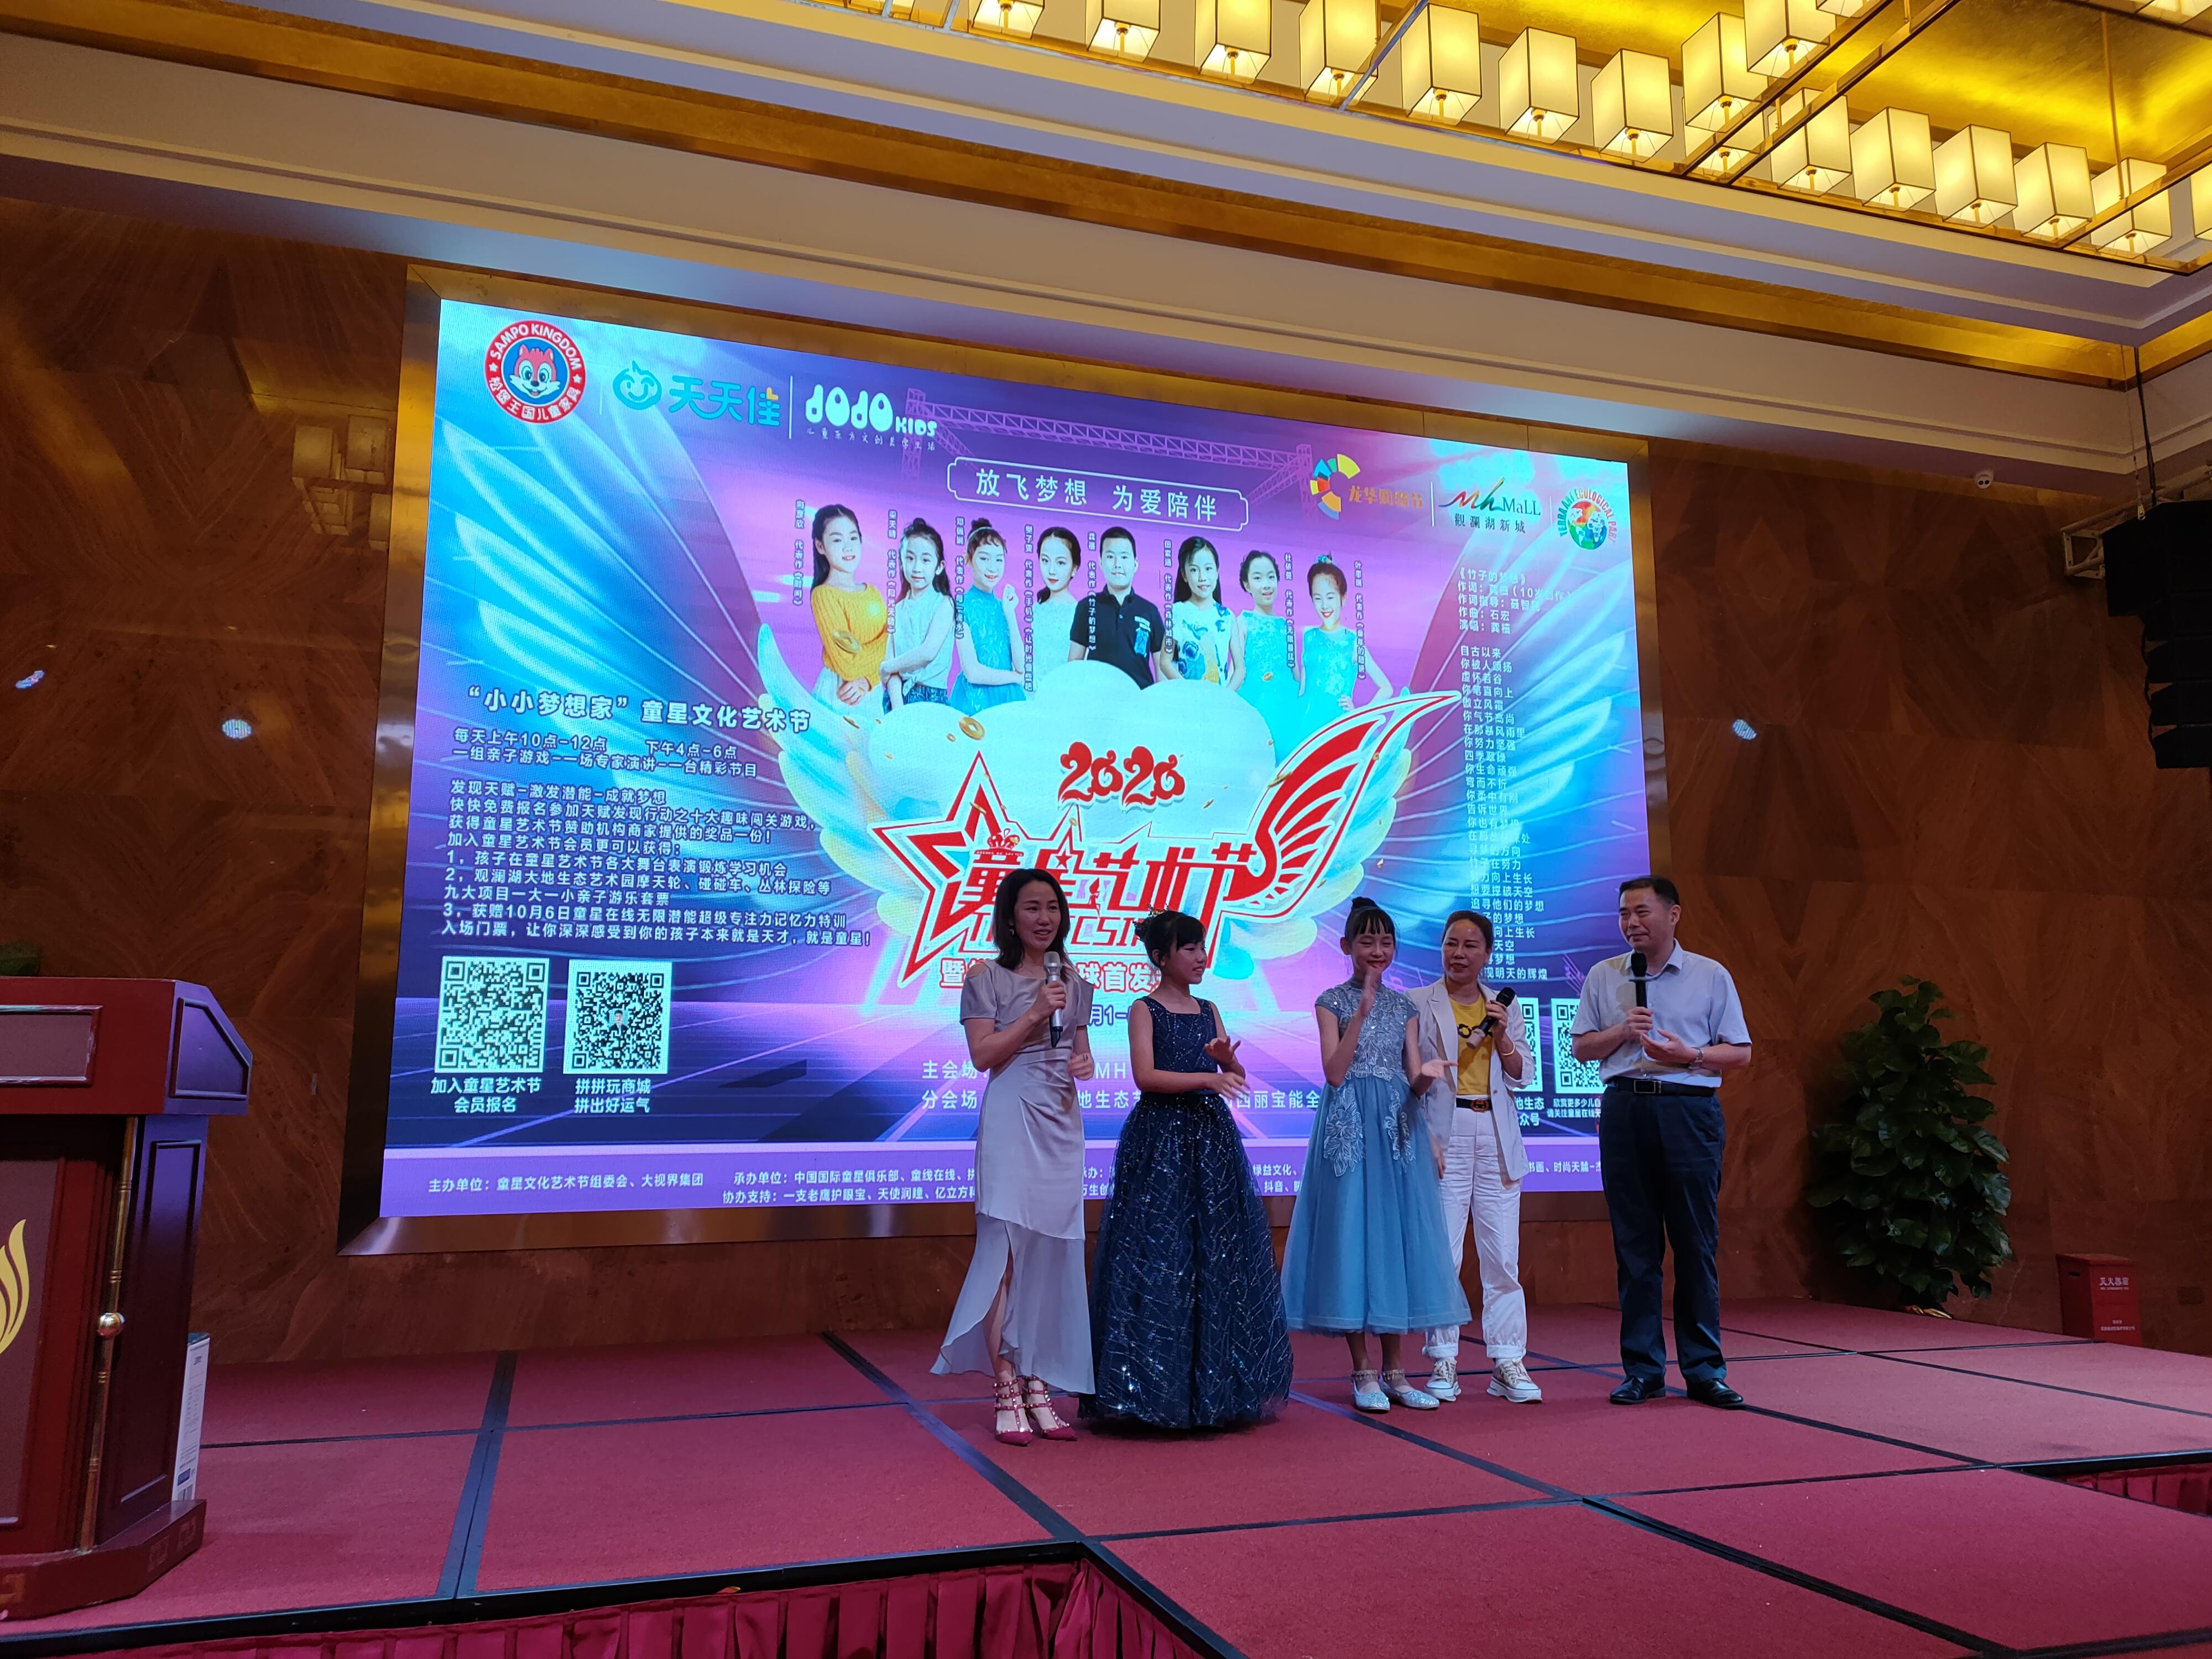 童星田紫涵和邓佩娴自写环保主题原创歌曲获热赞